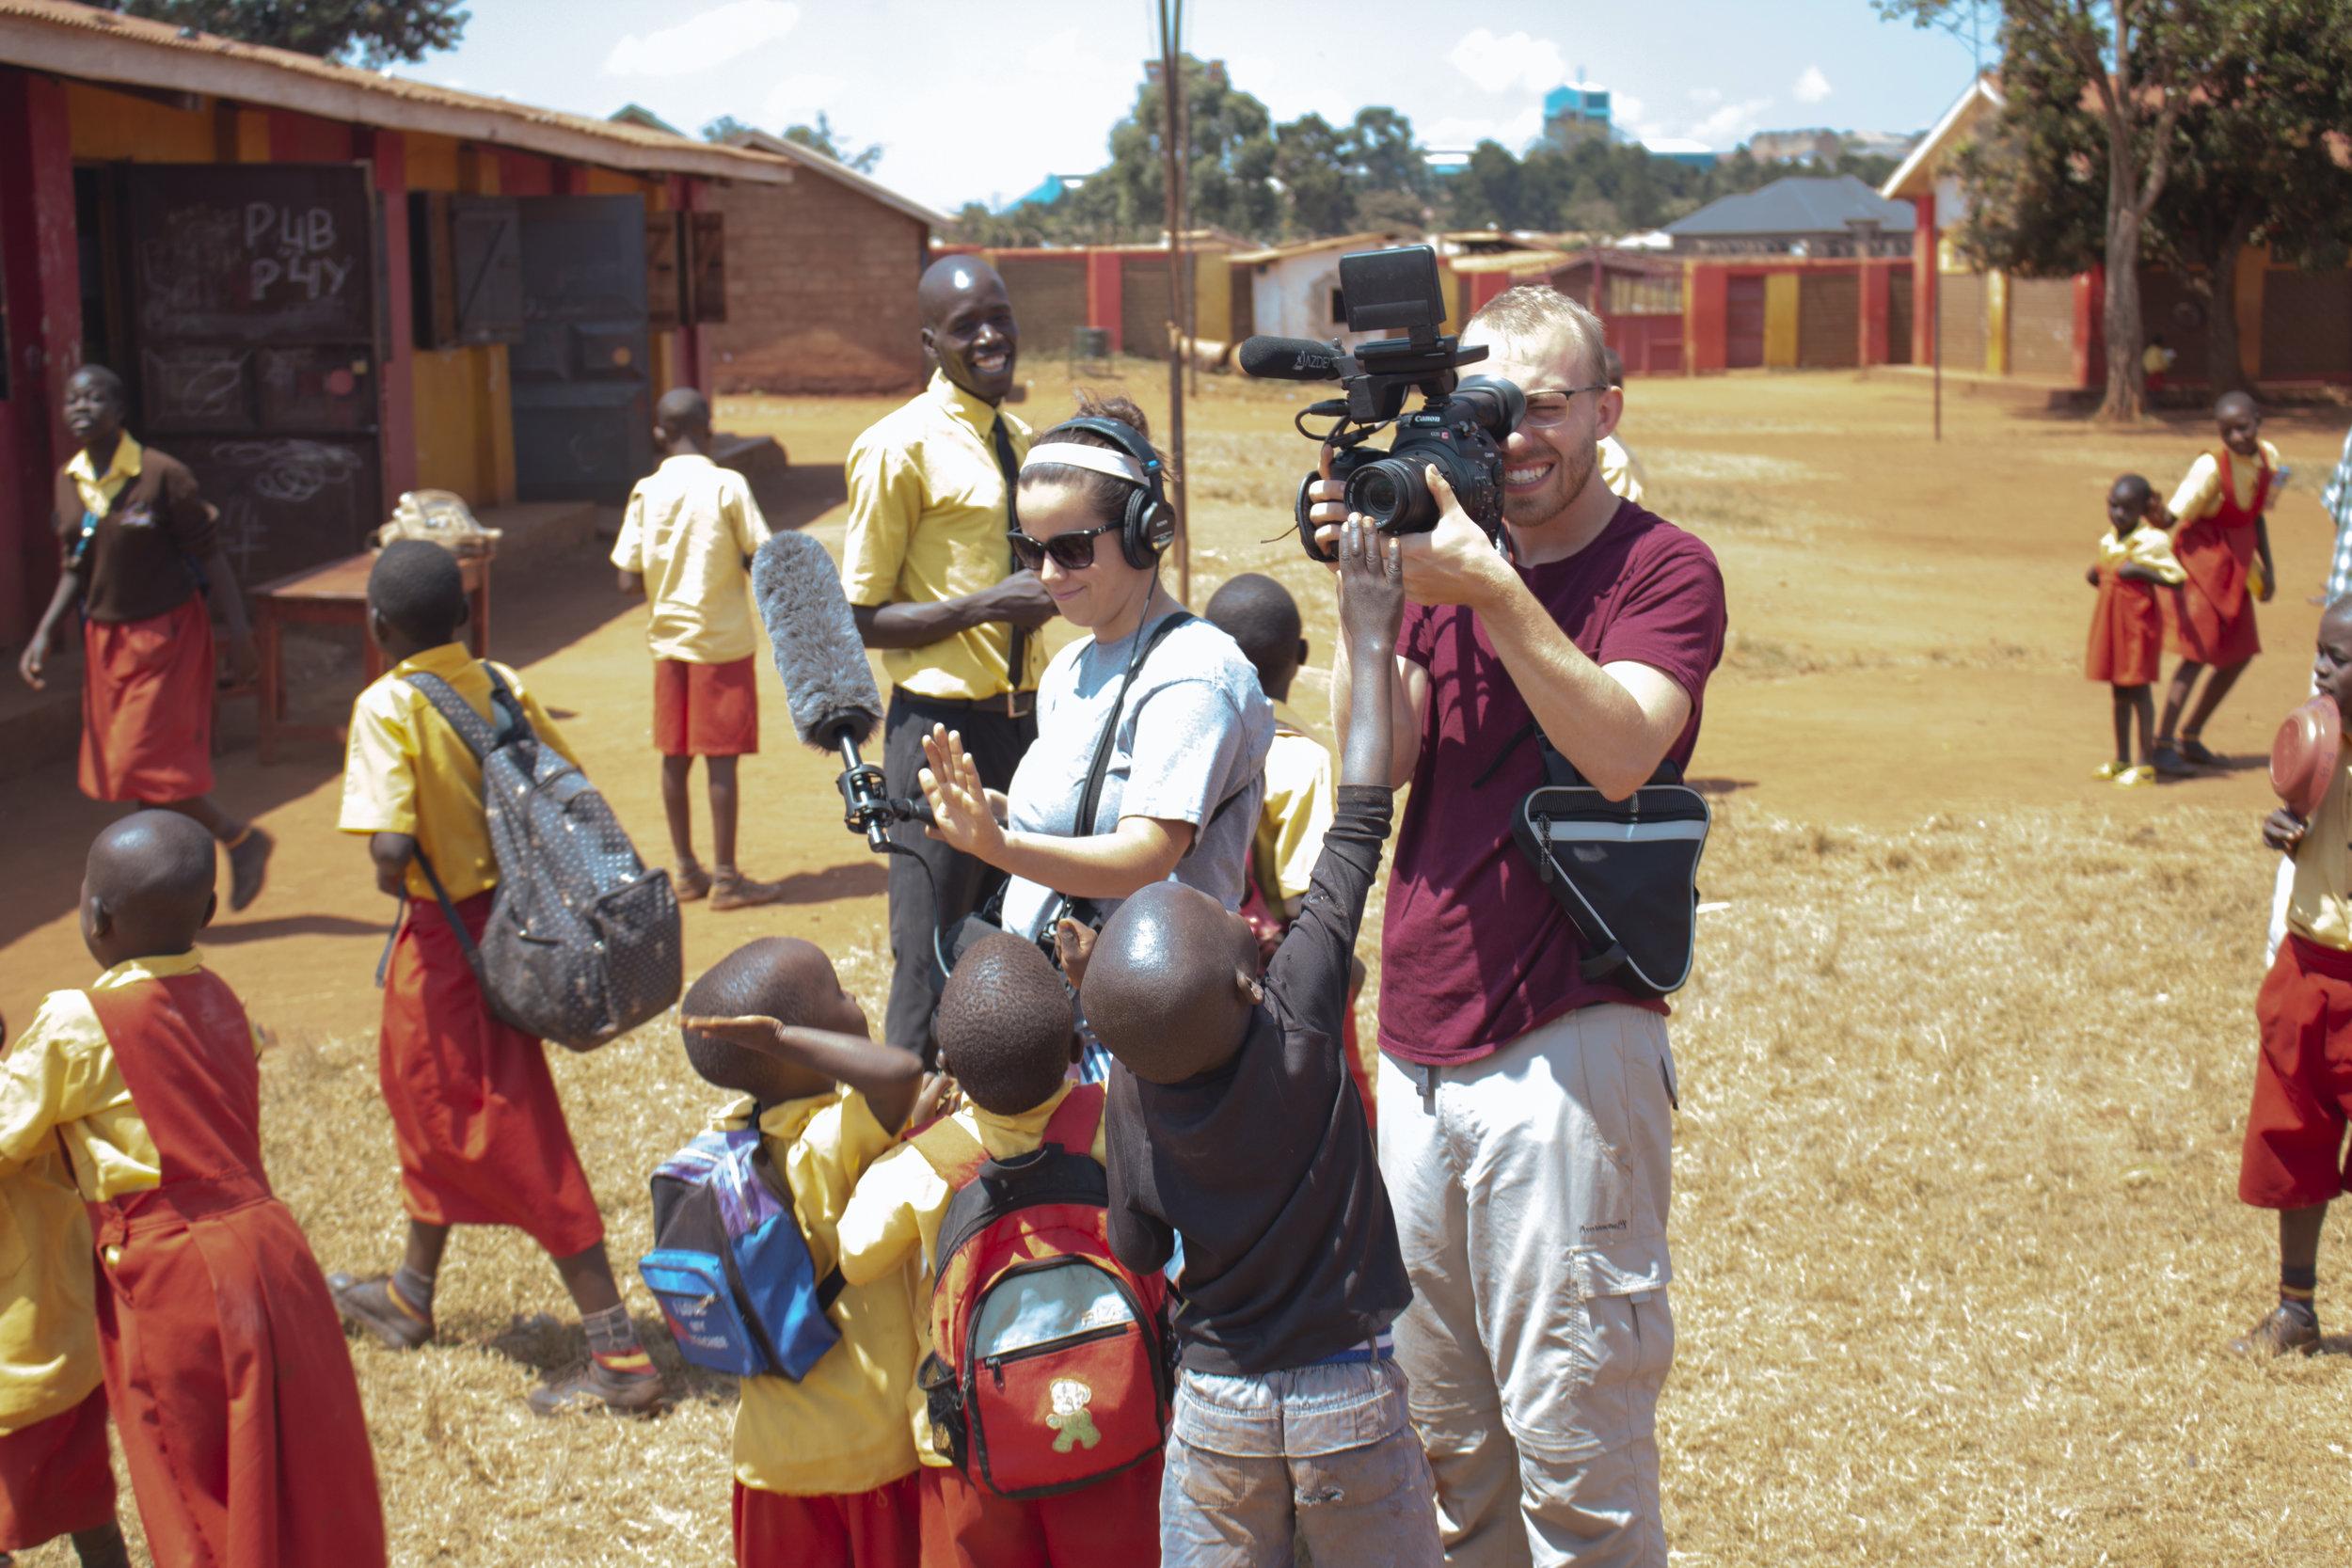 Heidi & Jesse in Uganda - July 2018